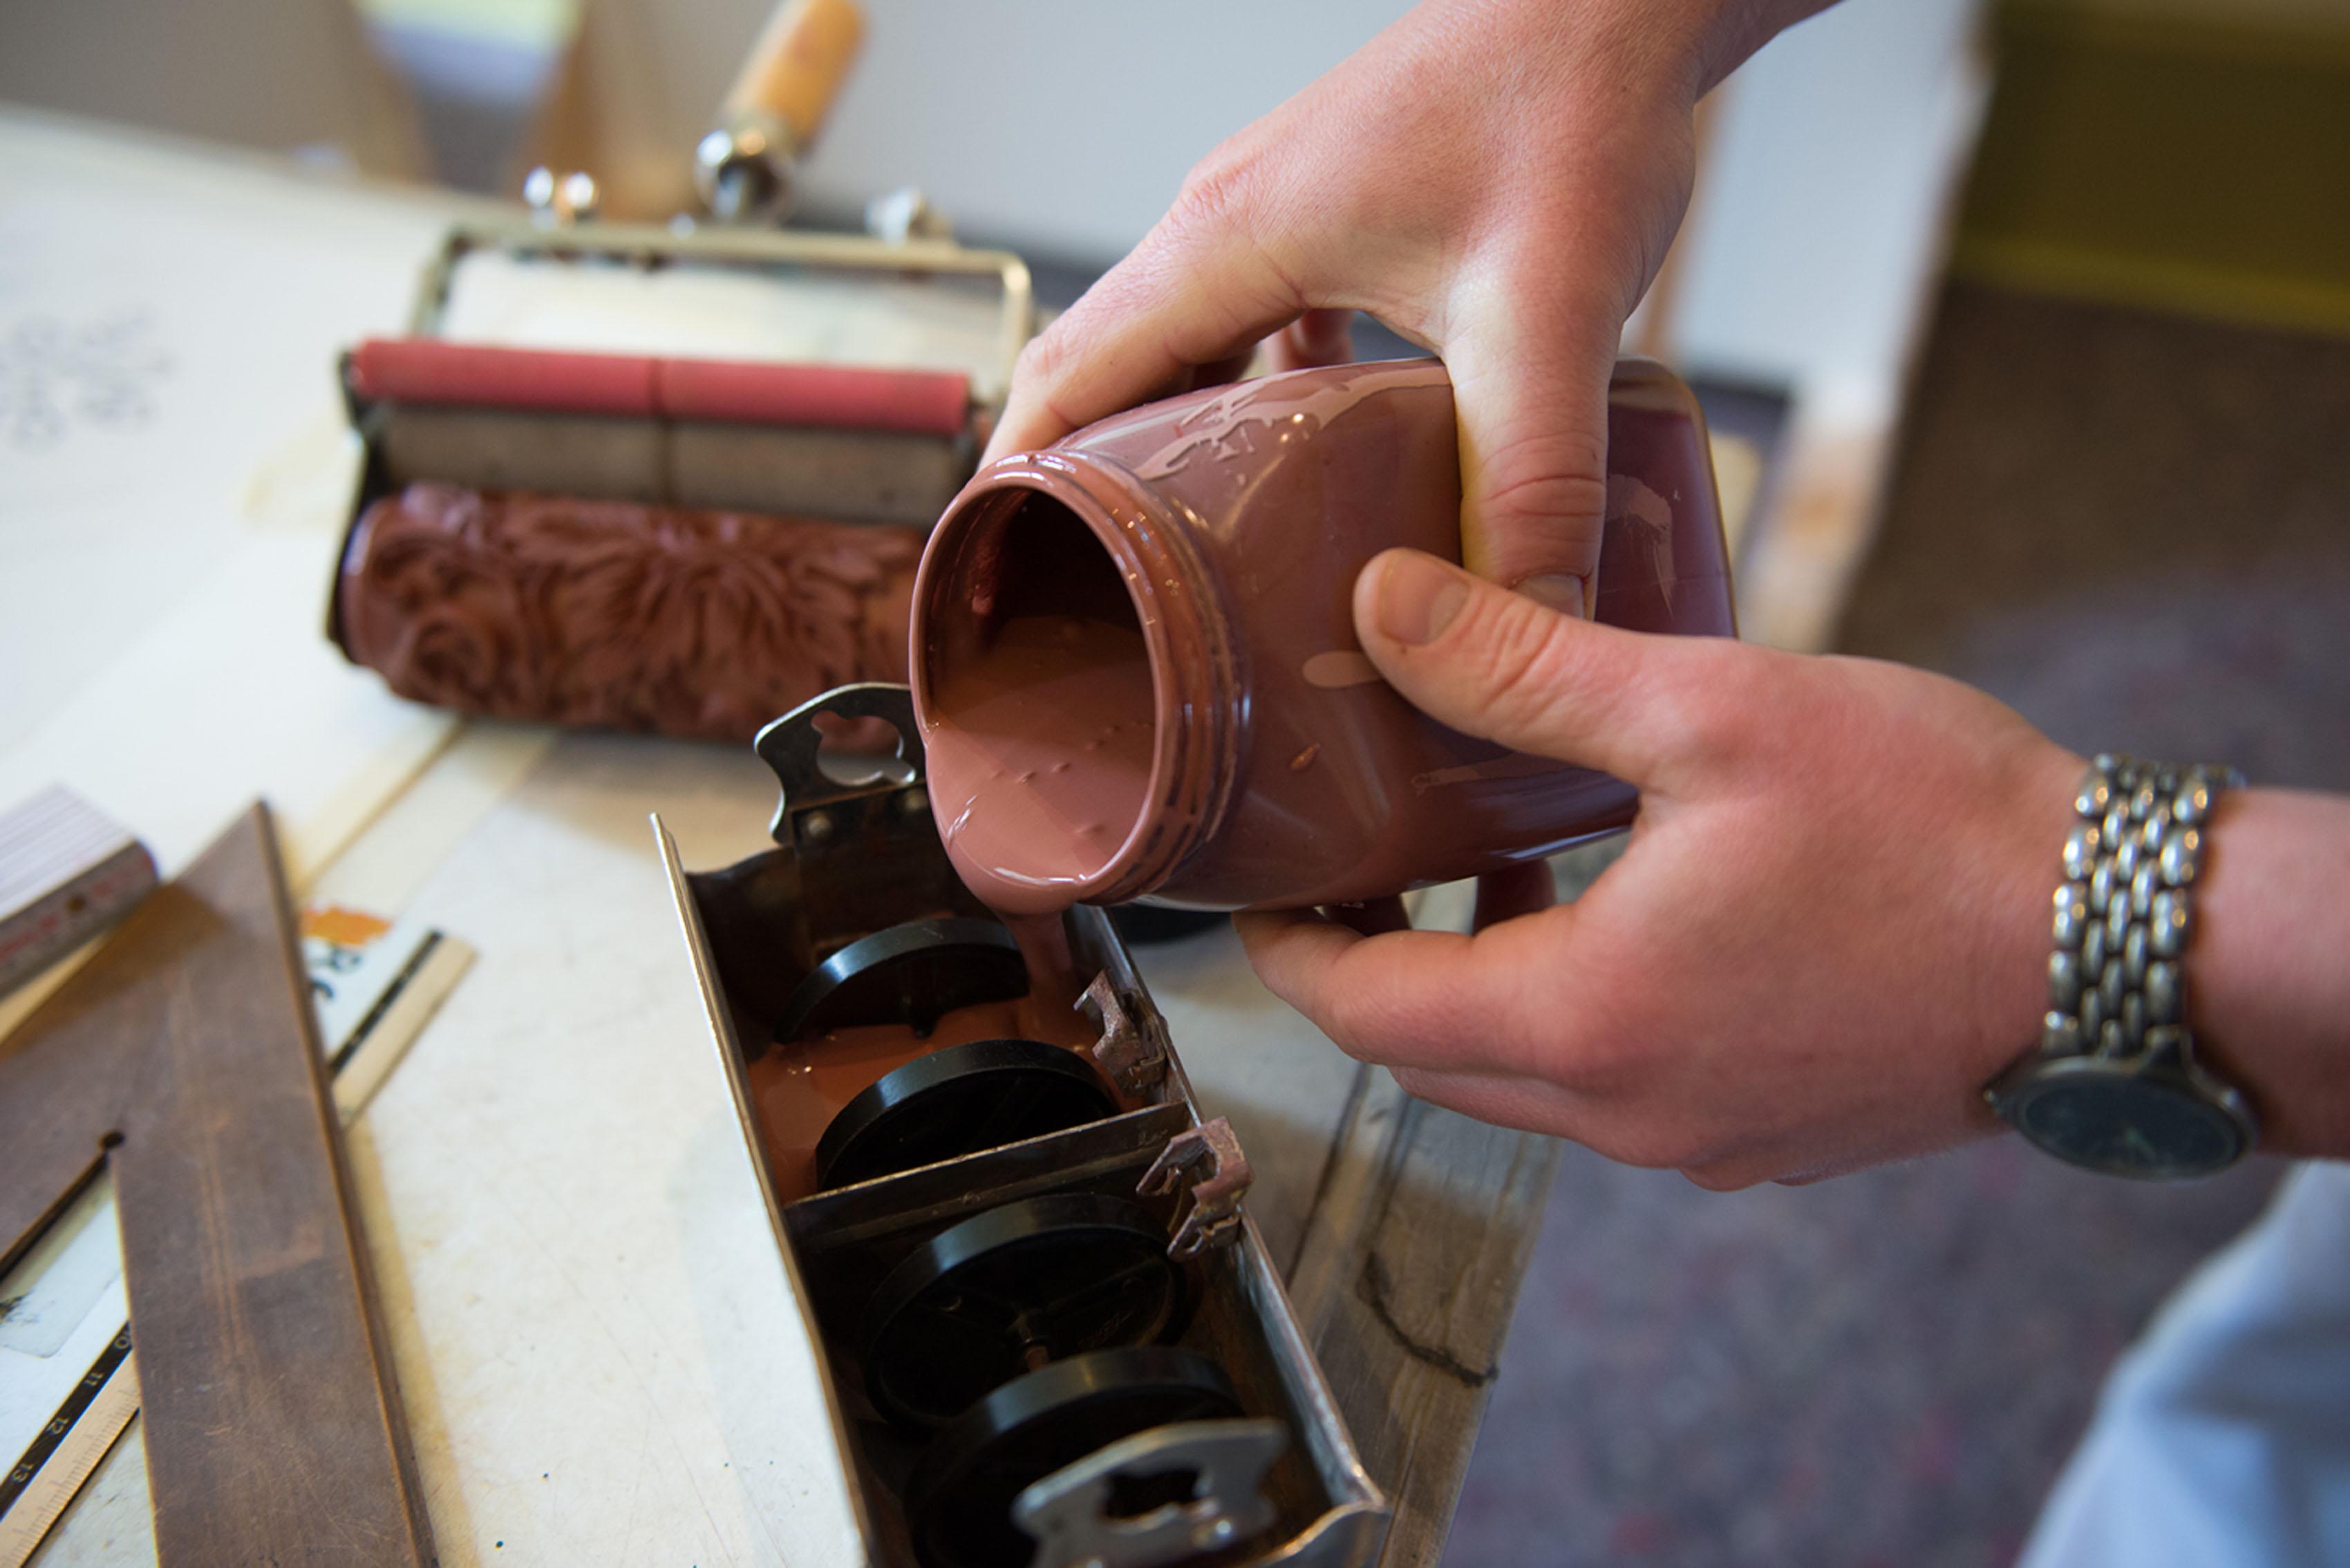 Maler beim Einfüllen von Farbe in das Rollgerät der Musterwalze